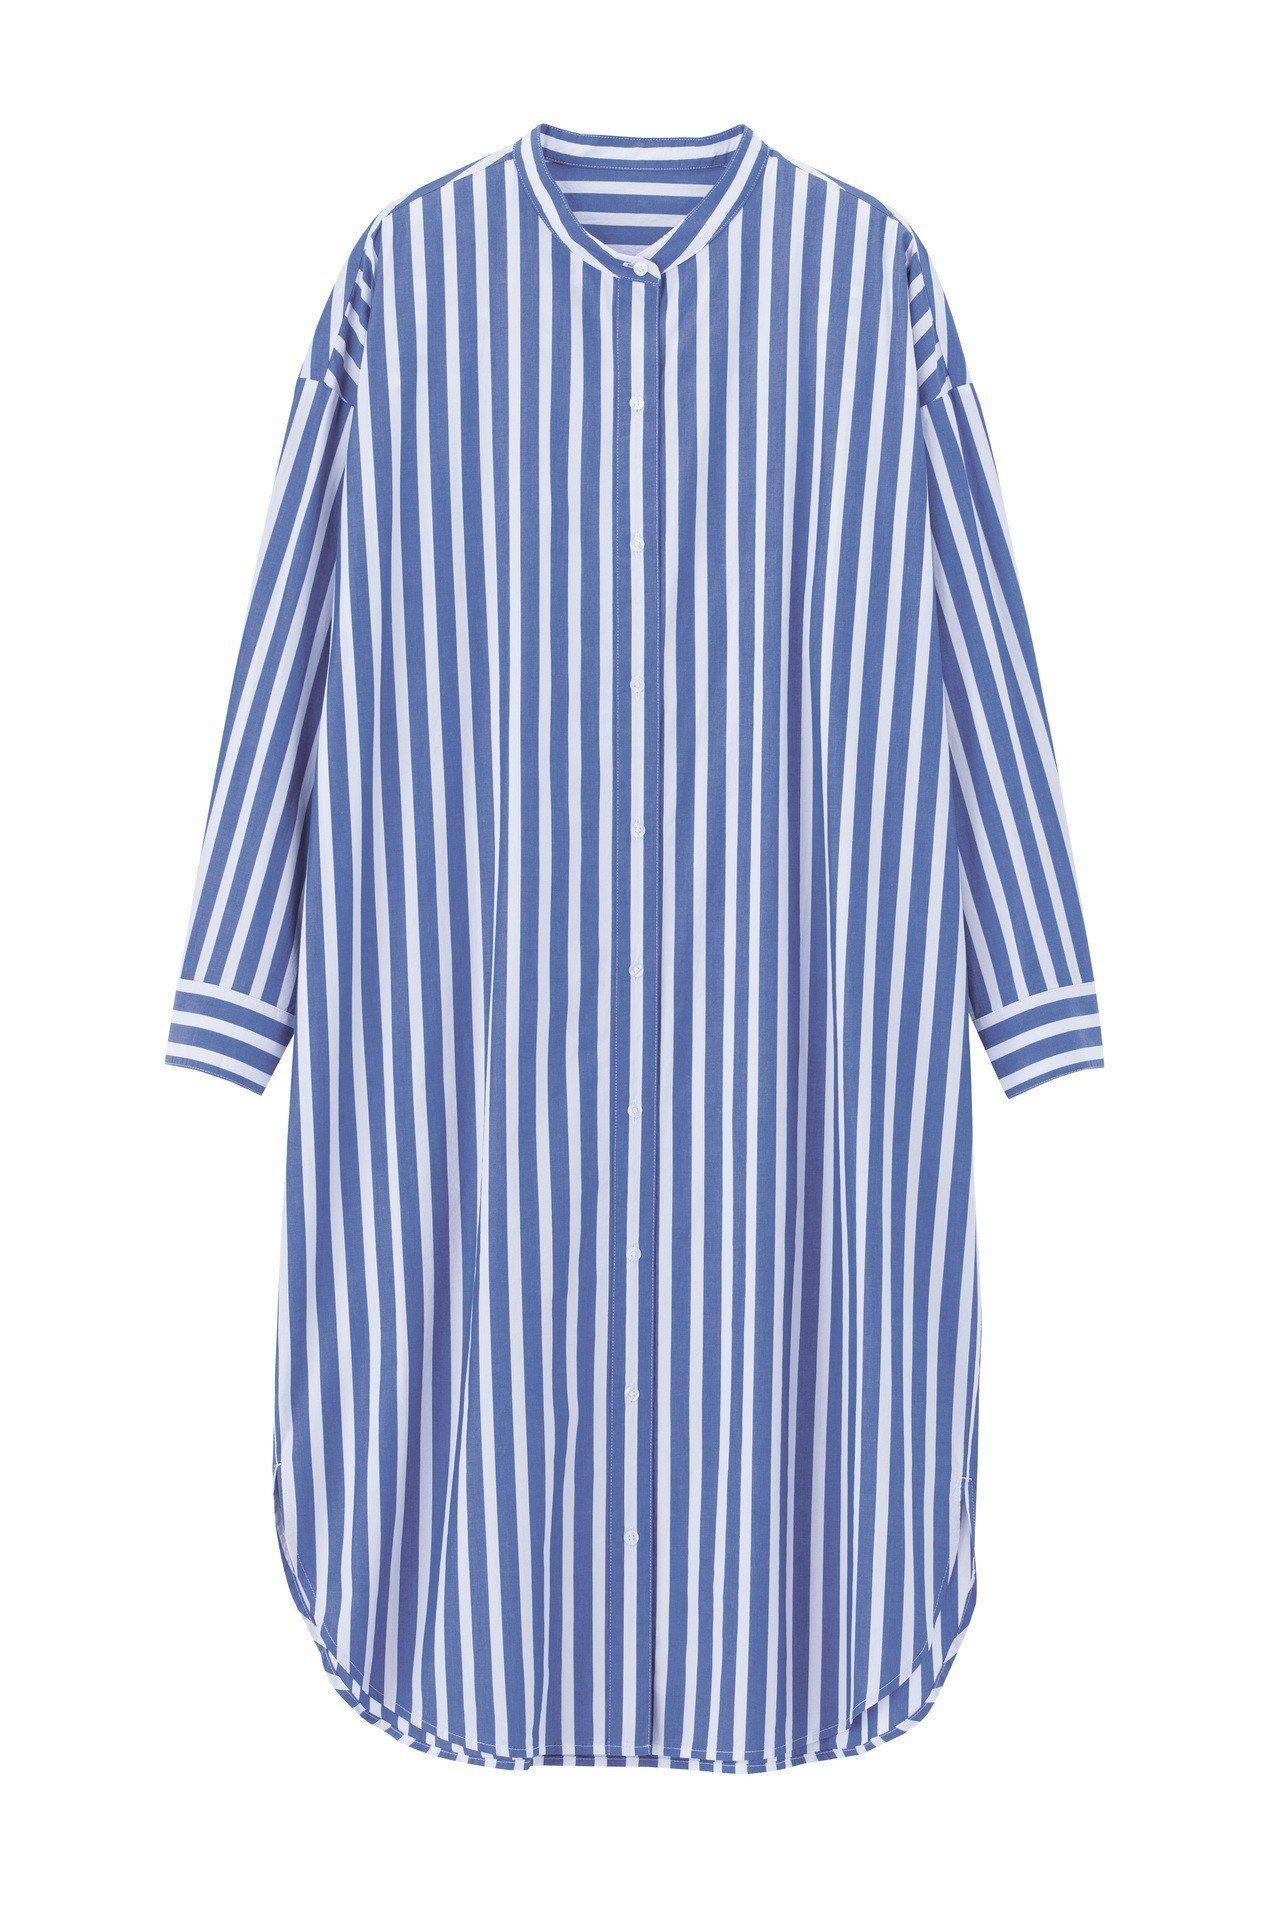 條紋襯衫連身裙(藍)590元。圖/GU提供